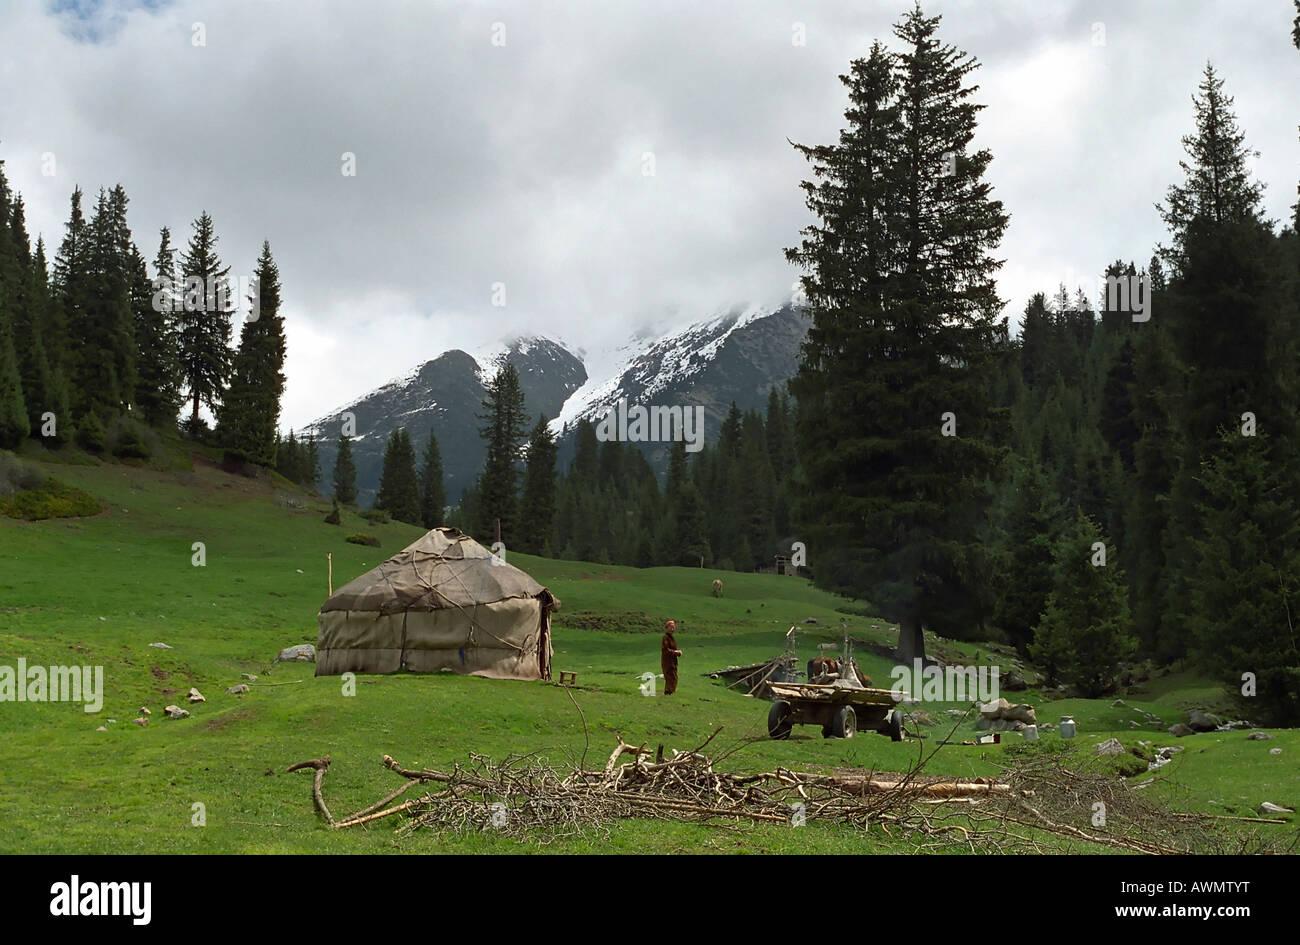 Kazakh national yurt. Akkol Canyon, Kazakhstan. Stock Photo